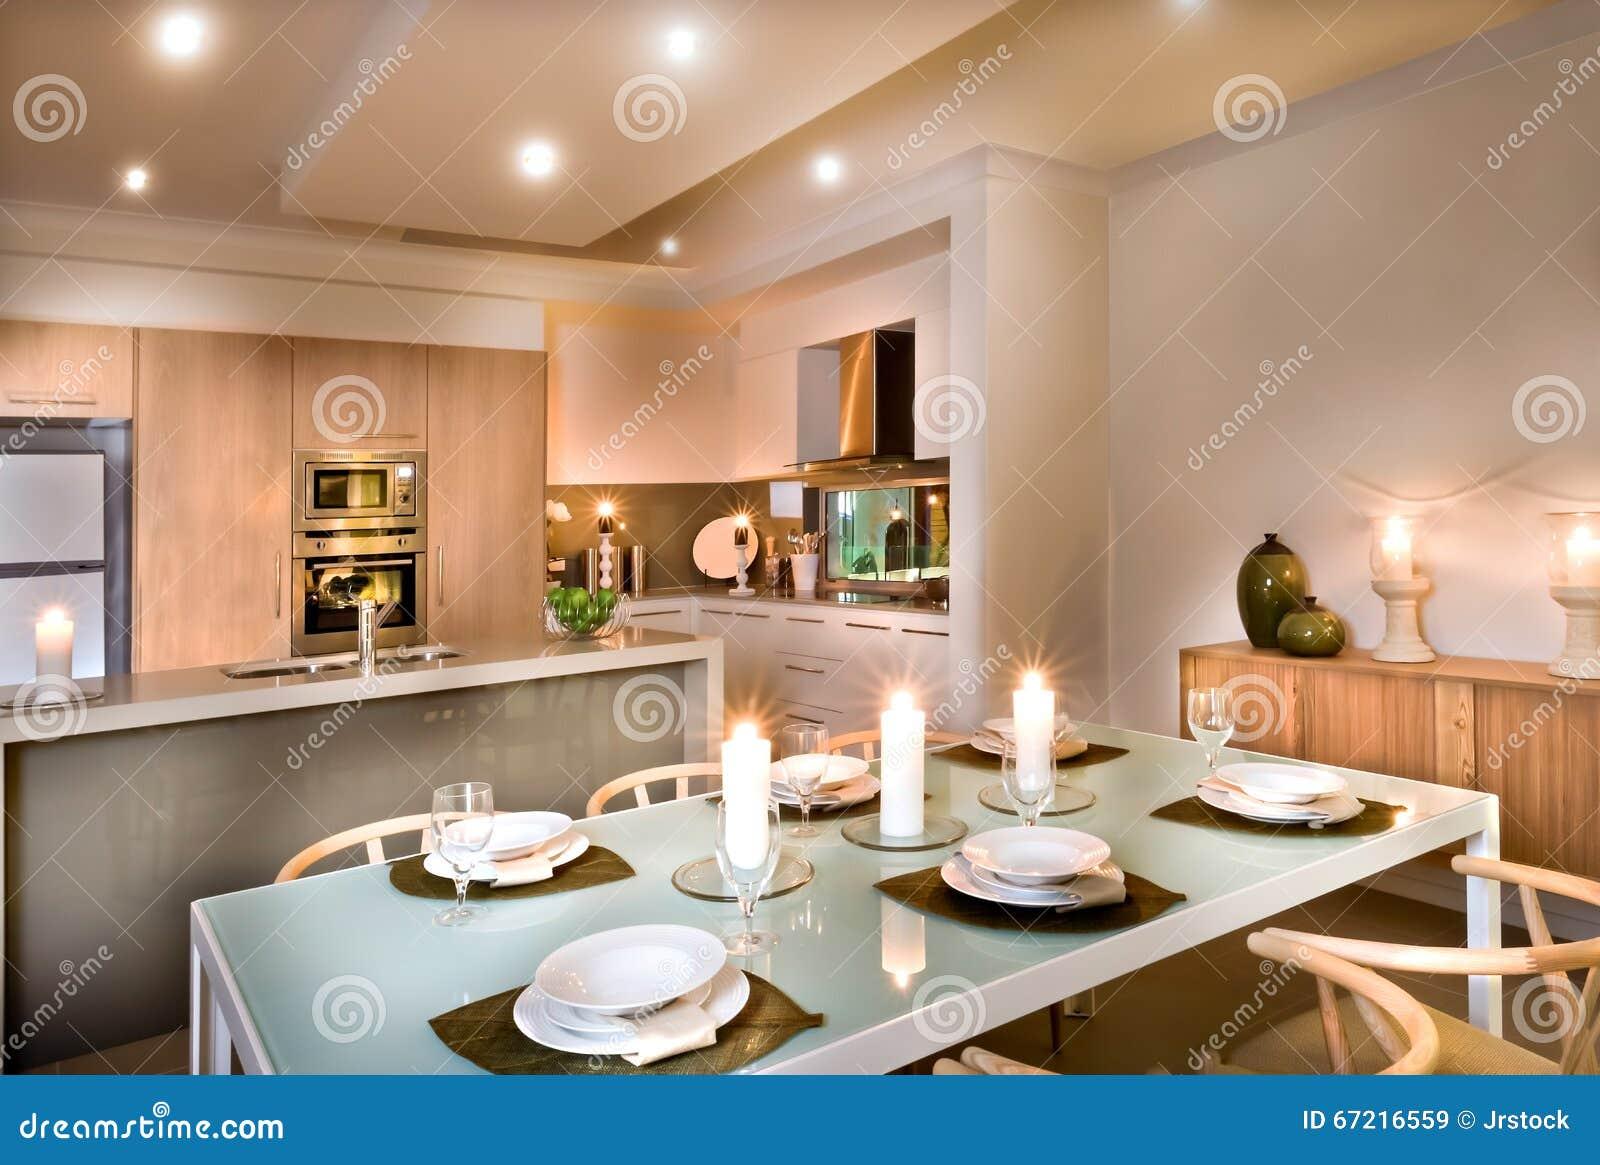 Sala de jantar moderna e a cozinha foto de stock imagem 67216559 - Tende sala moderna ...